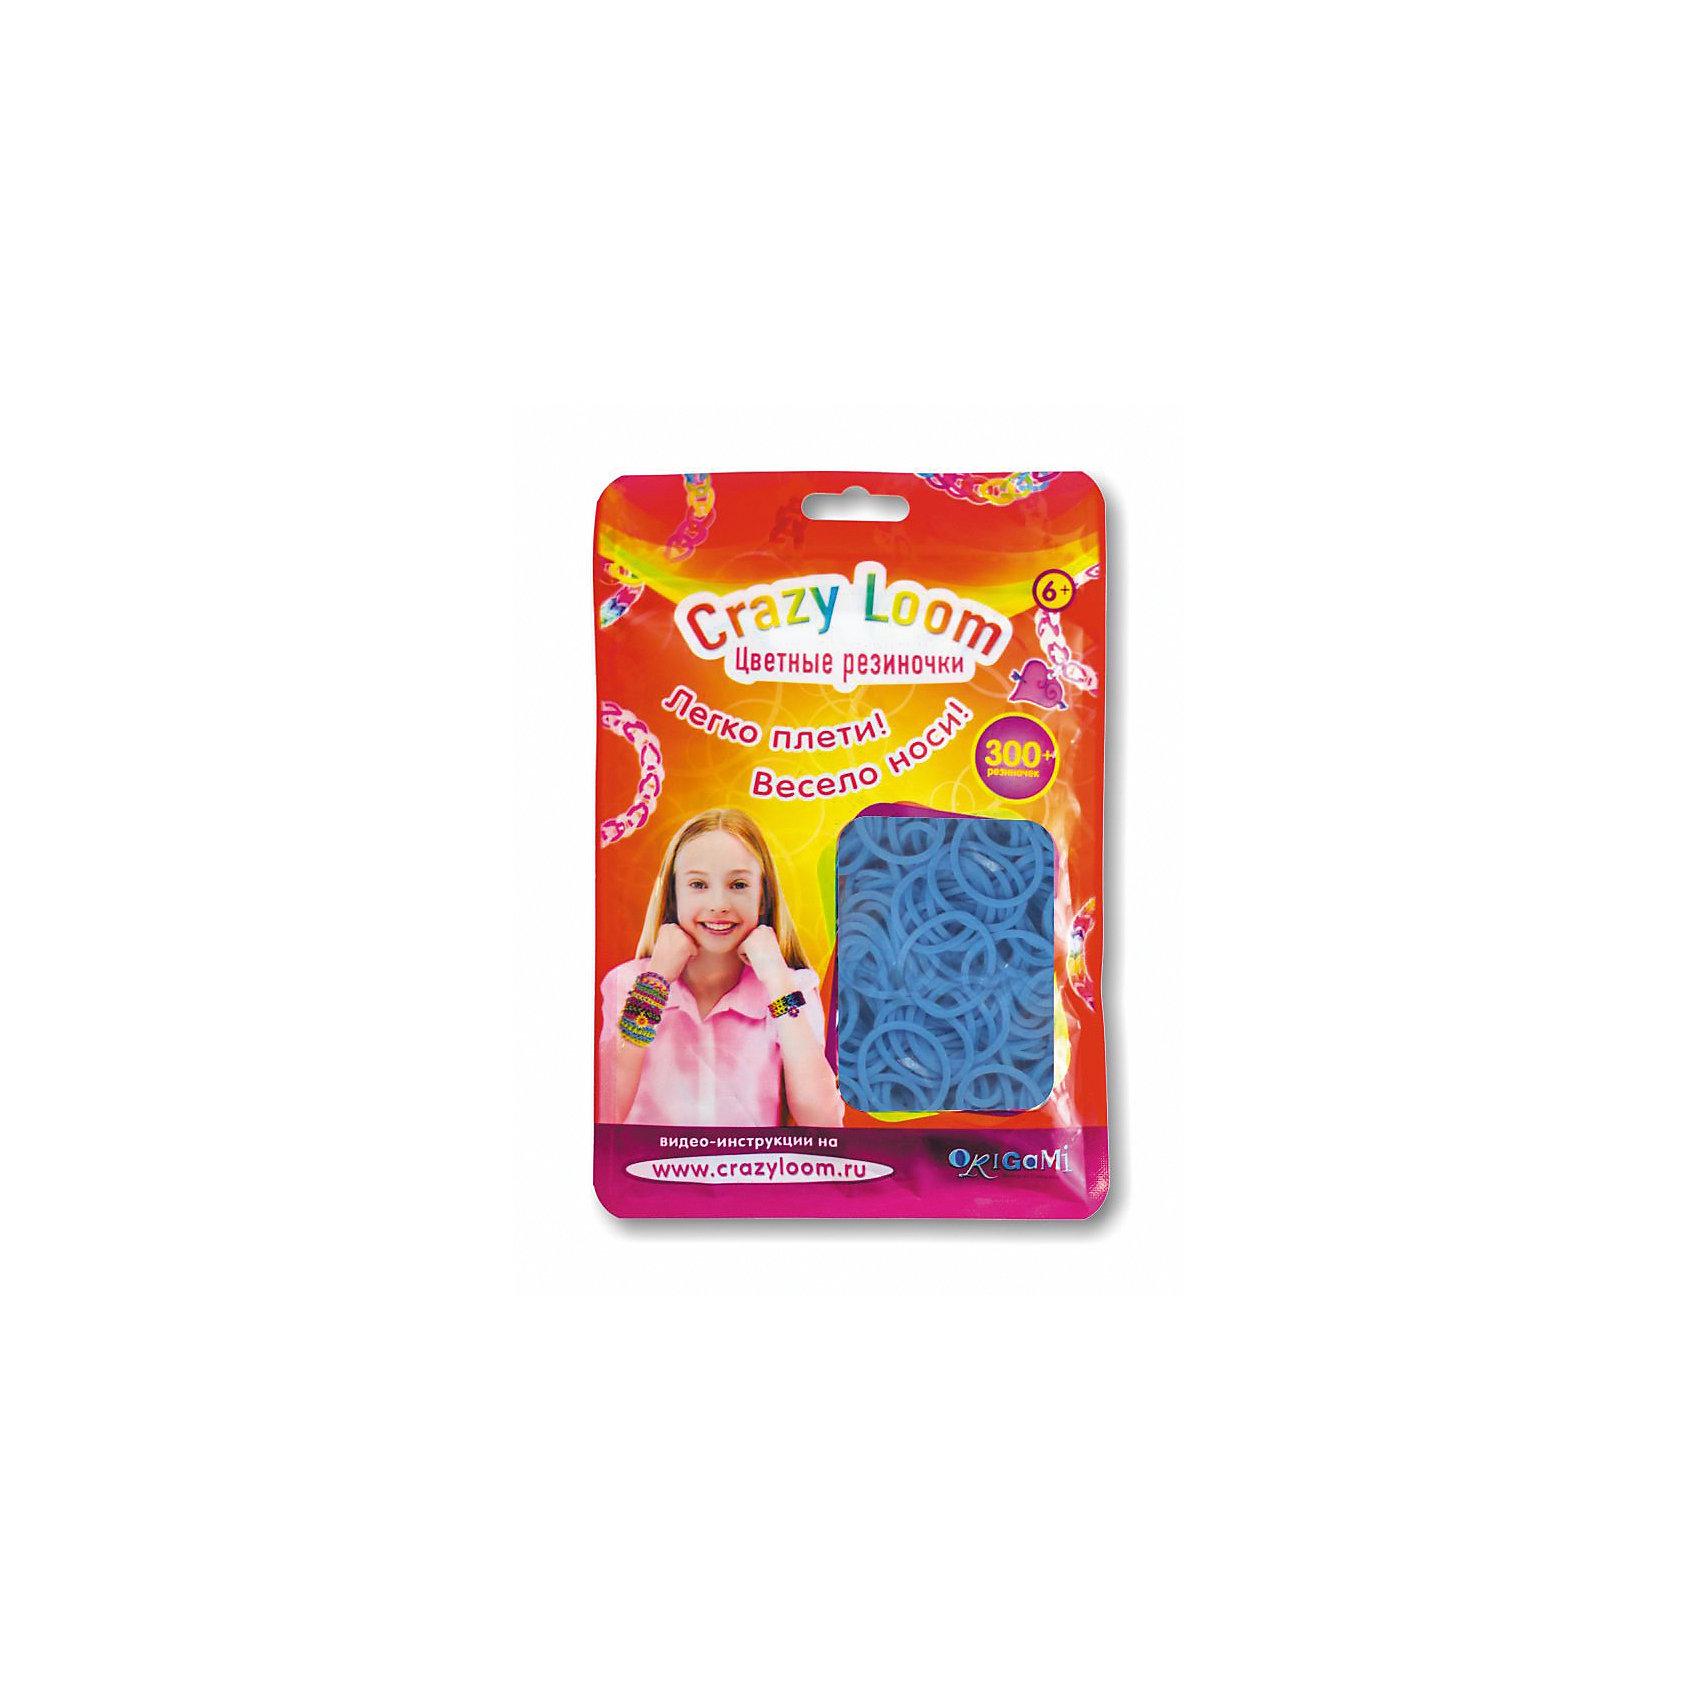 Набор резиночек для плетения (500шт), Crazy LoomРукоделие<br>Наборы Crazy Loom. Цветные резиночки - это веселое развлечение для детей и взрослых. Весь мир с удовольствием плетет разнообразные украшения для себя и друзей. Присоединяйтесь и Вы!  Цветные резиночки это уникальная возможность проявить свою фантазию и творческие способности! <br><br>Дополнительная информация:<br><br>В наборе:  <br>- 500 резиночек, <br>- крючок, <br>- 15 замочков,<br>- 9 цветов ассортименте<br><br>Набор резиночек для плетения (500шт), Crazy Loom можно купить в нашем магазине.<br><br>Ширина мм: 170<br>Глубина мм: 116<br>Высота мм: 10<br>Вес г: 52<br>Возраст от месяцев: 72<br>Возраст до месяцев: 180<br>Пол: Женский<br>Возраст: Детский<br>SKU: 3998100